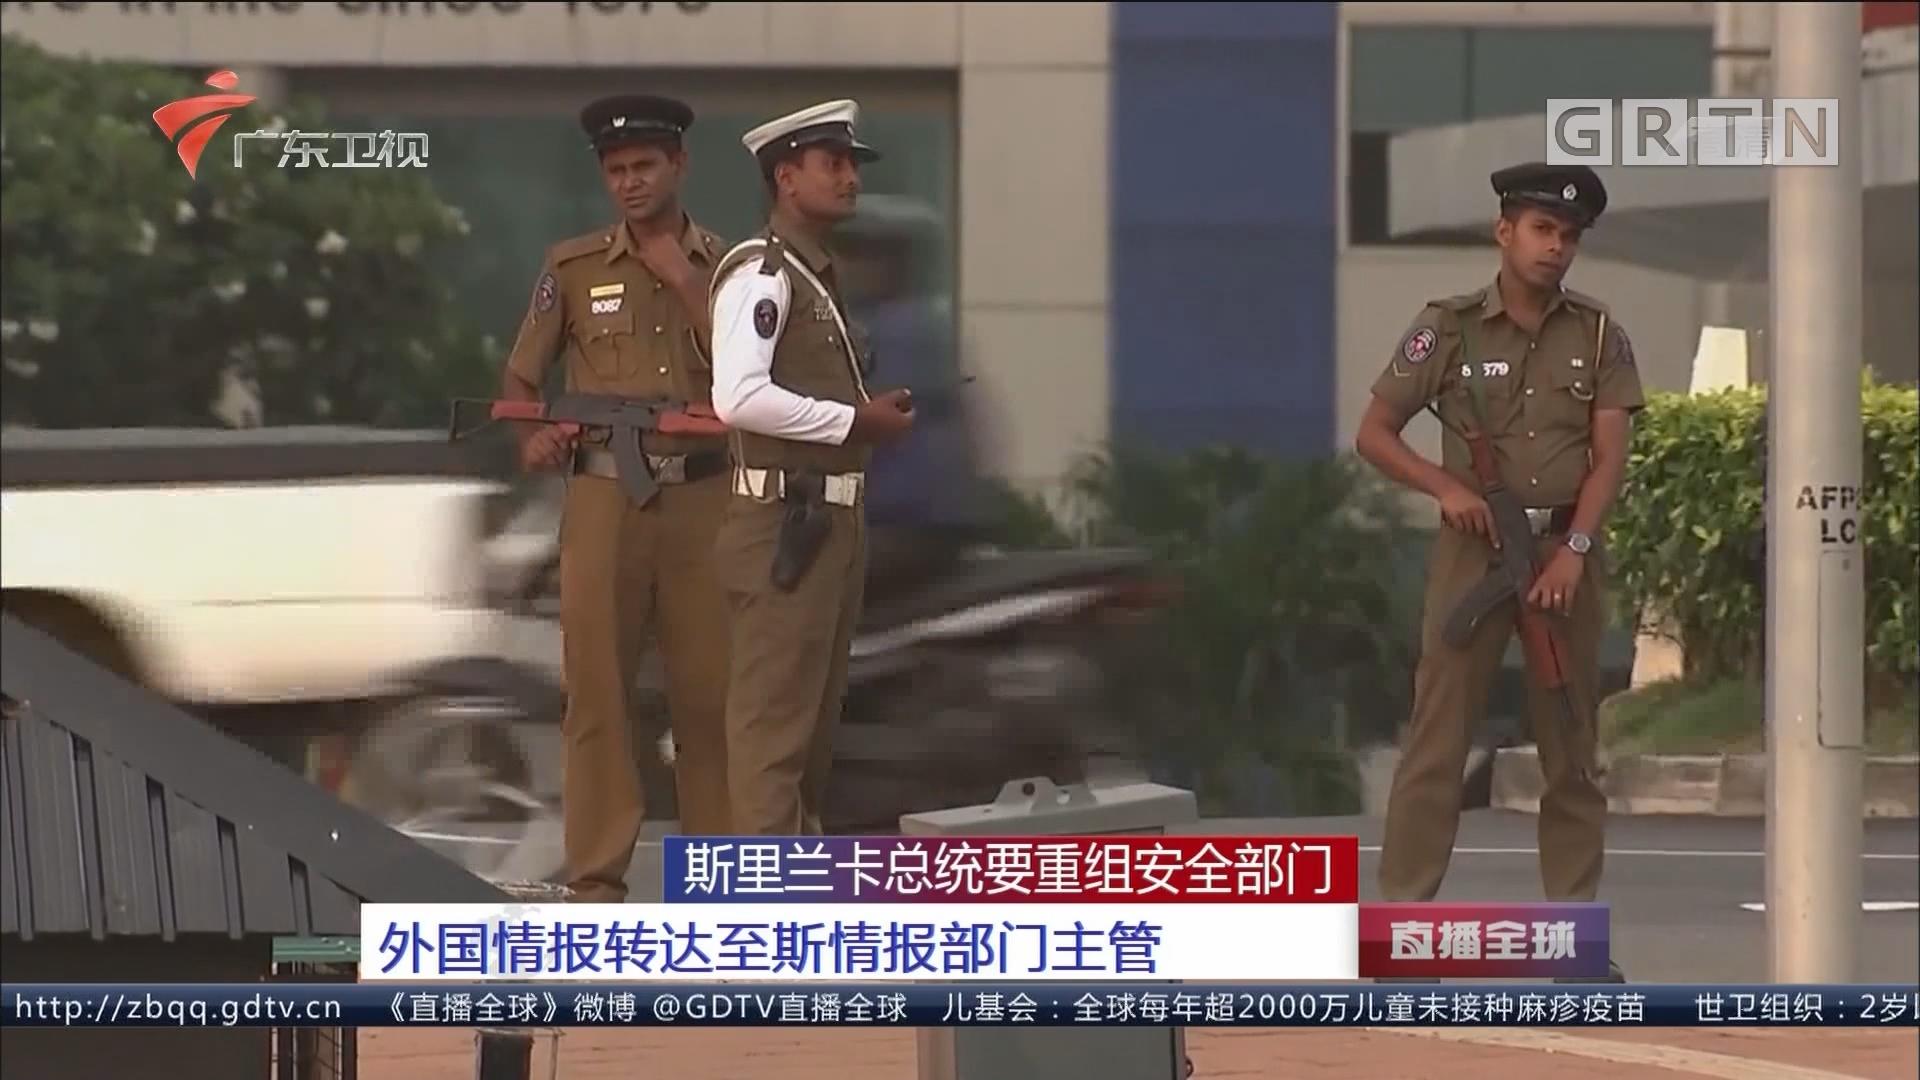 斯里兰卡总统要重组安全部门:24小时内撤换多个部门负责人